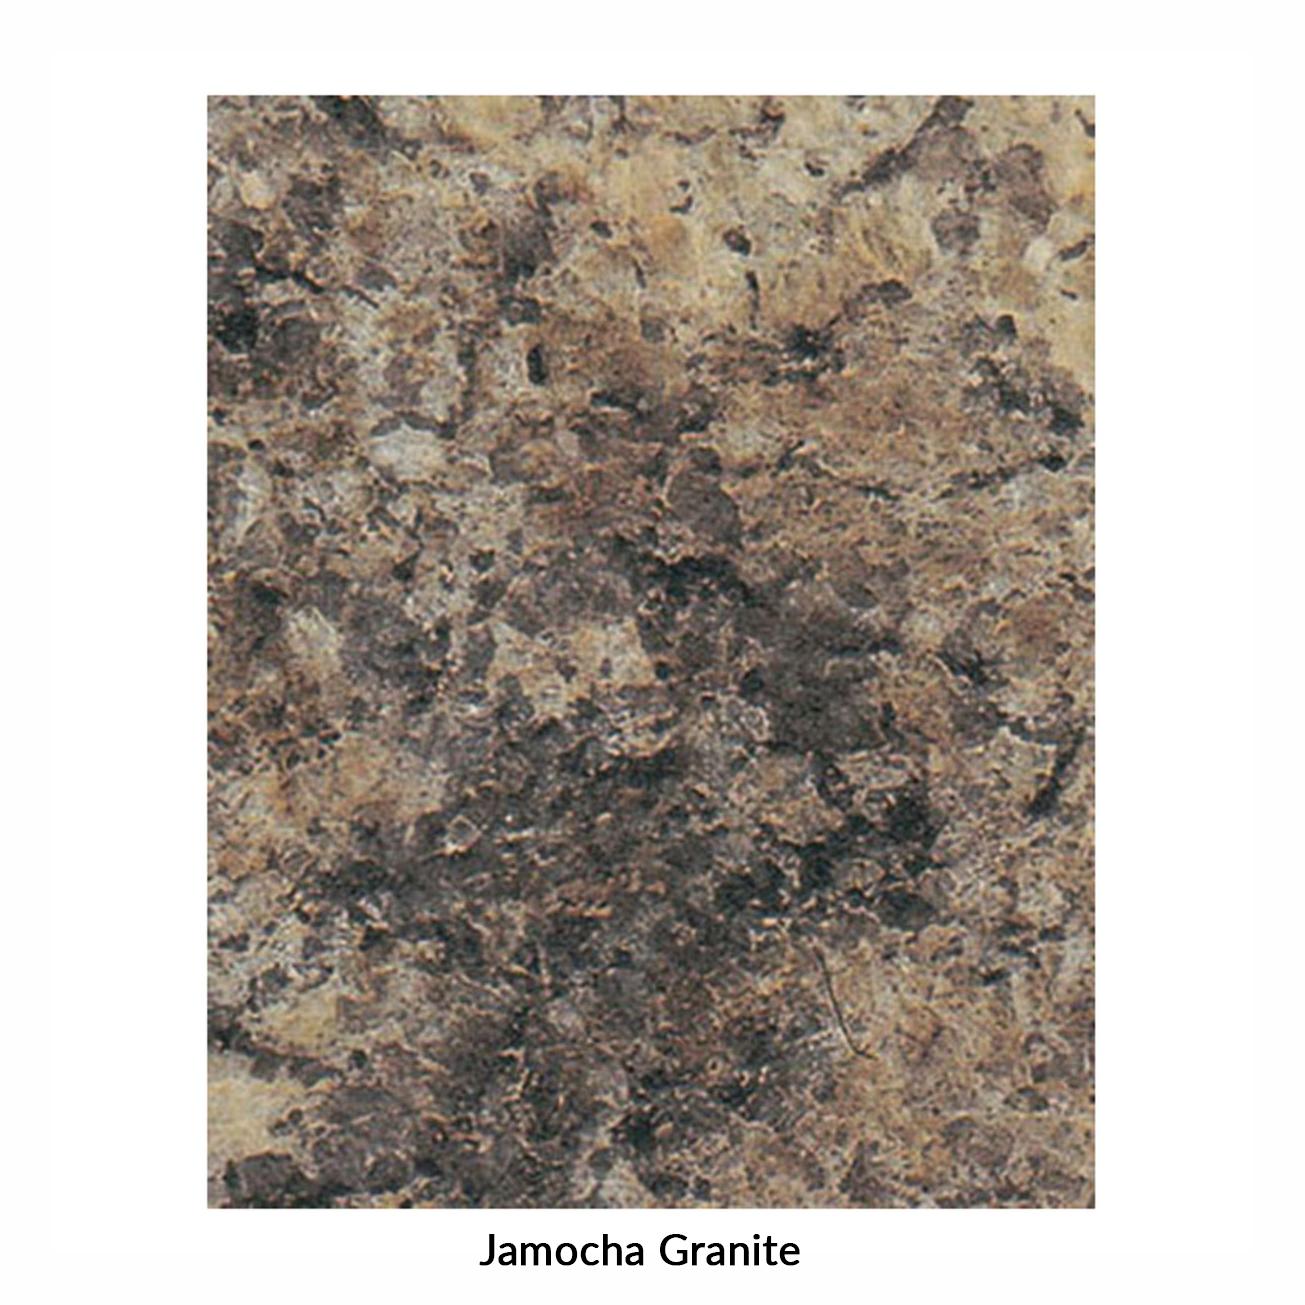 13-jamocha-granite.jpg